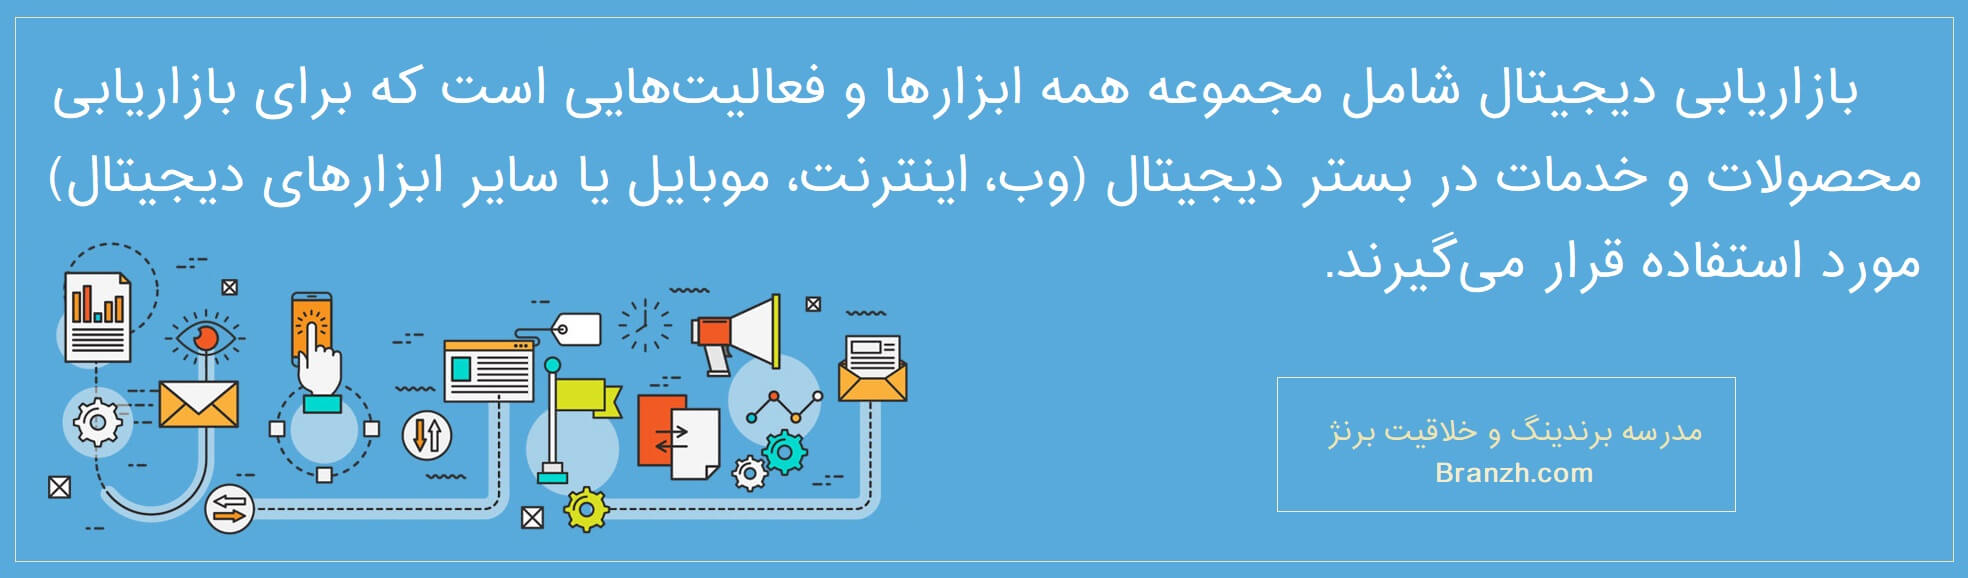 تکنیک ها و ابزارهای بازاریابی دیجیتال Digital Marketing Tools